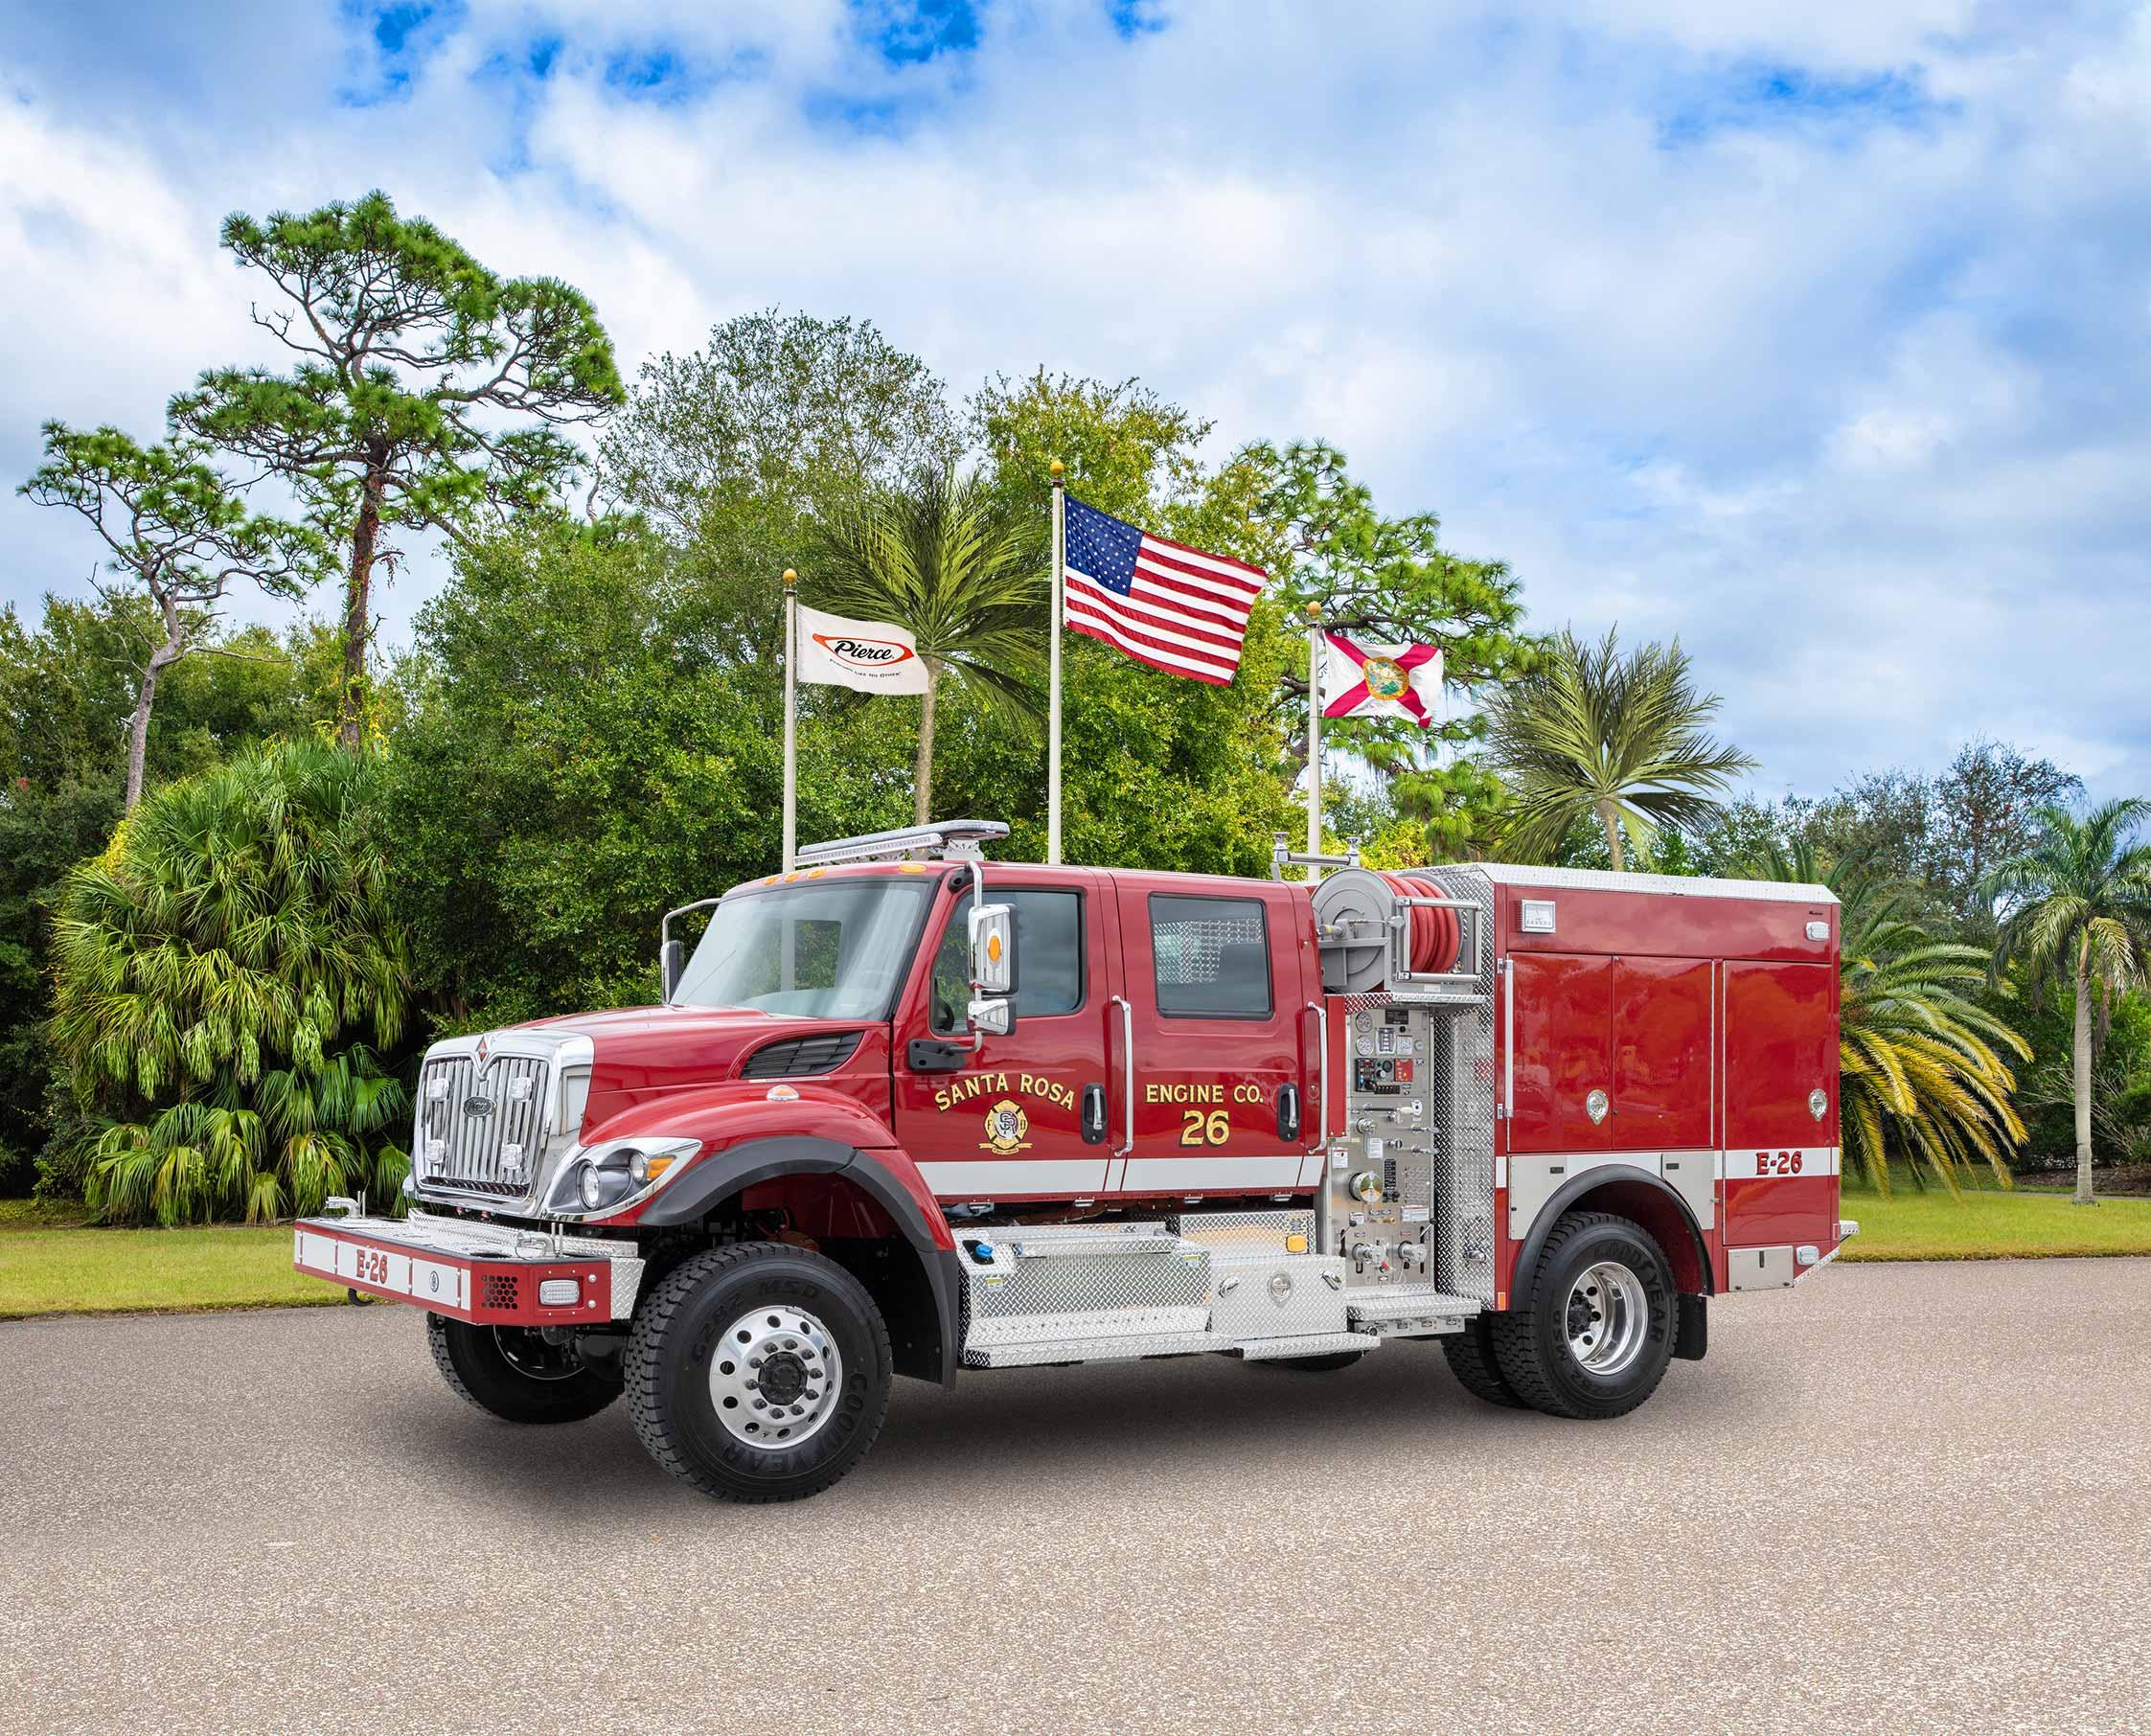 Santa Rosa Fire Department - Pumper